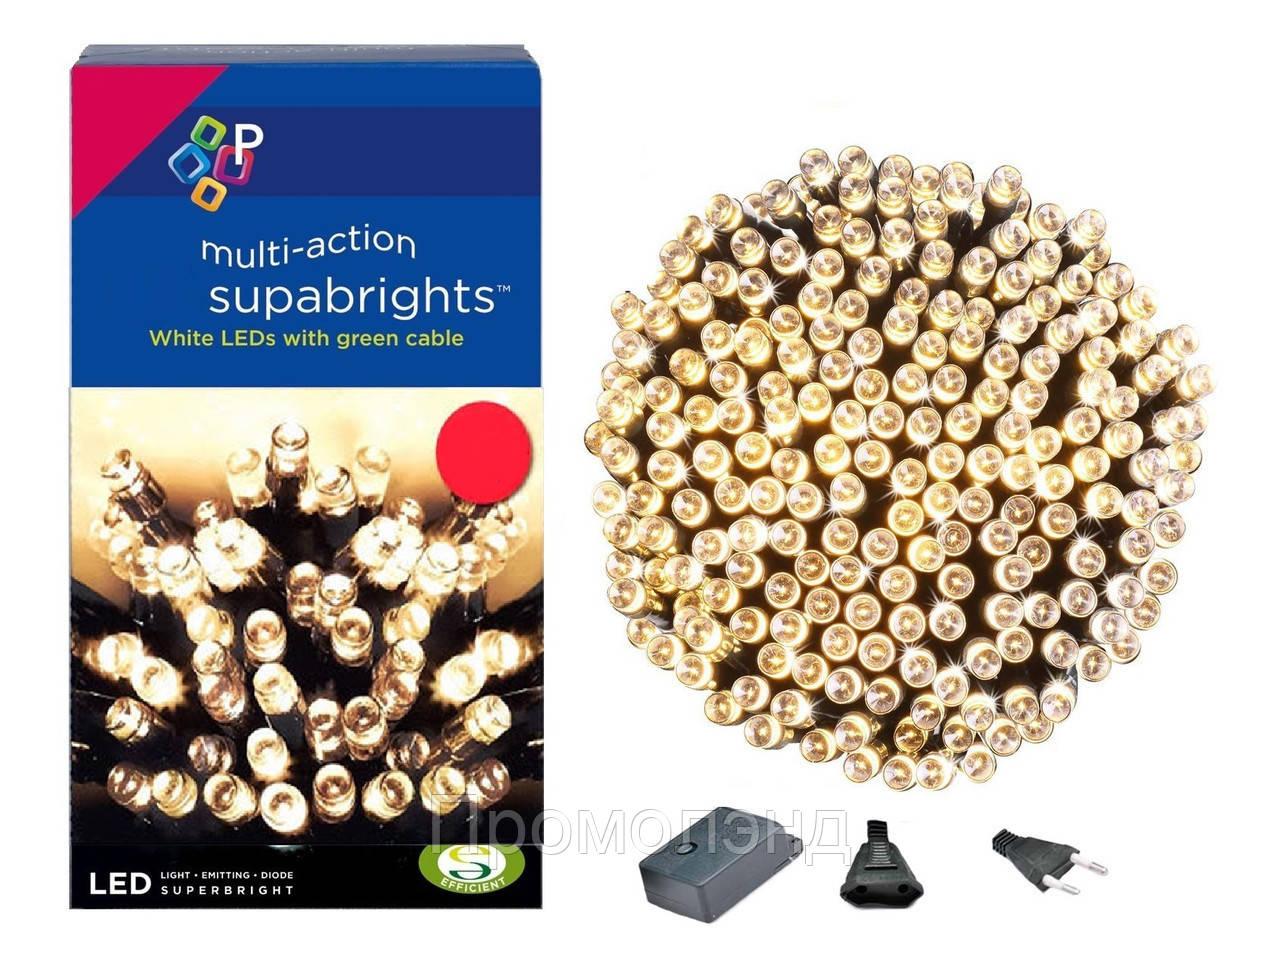 Новорічна гірлянда 300 LED, IP44, Довжина 24 М, Білий теплий світло